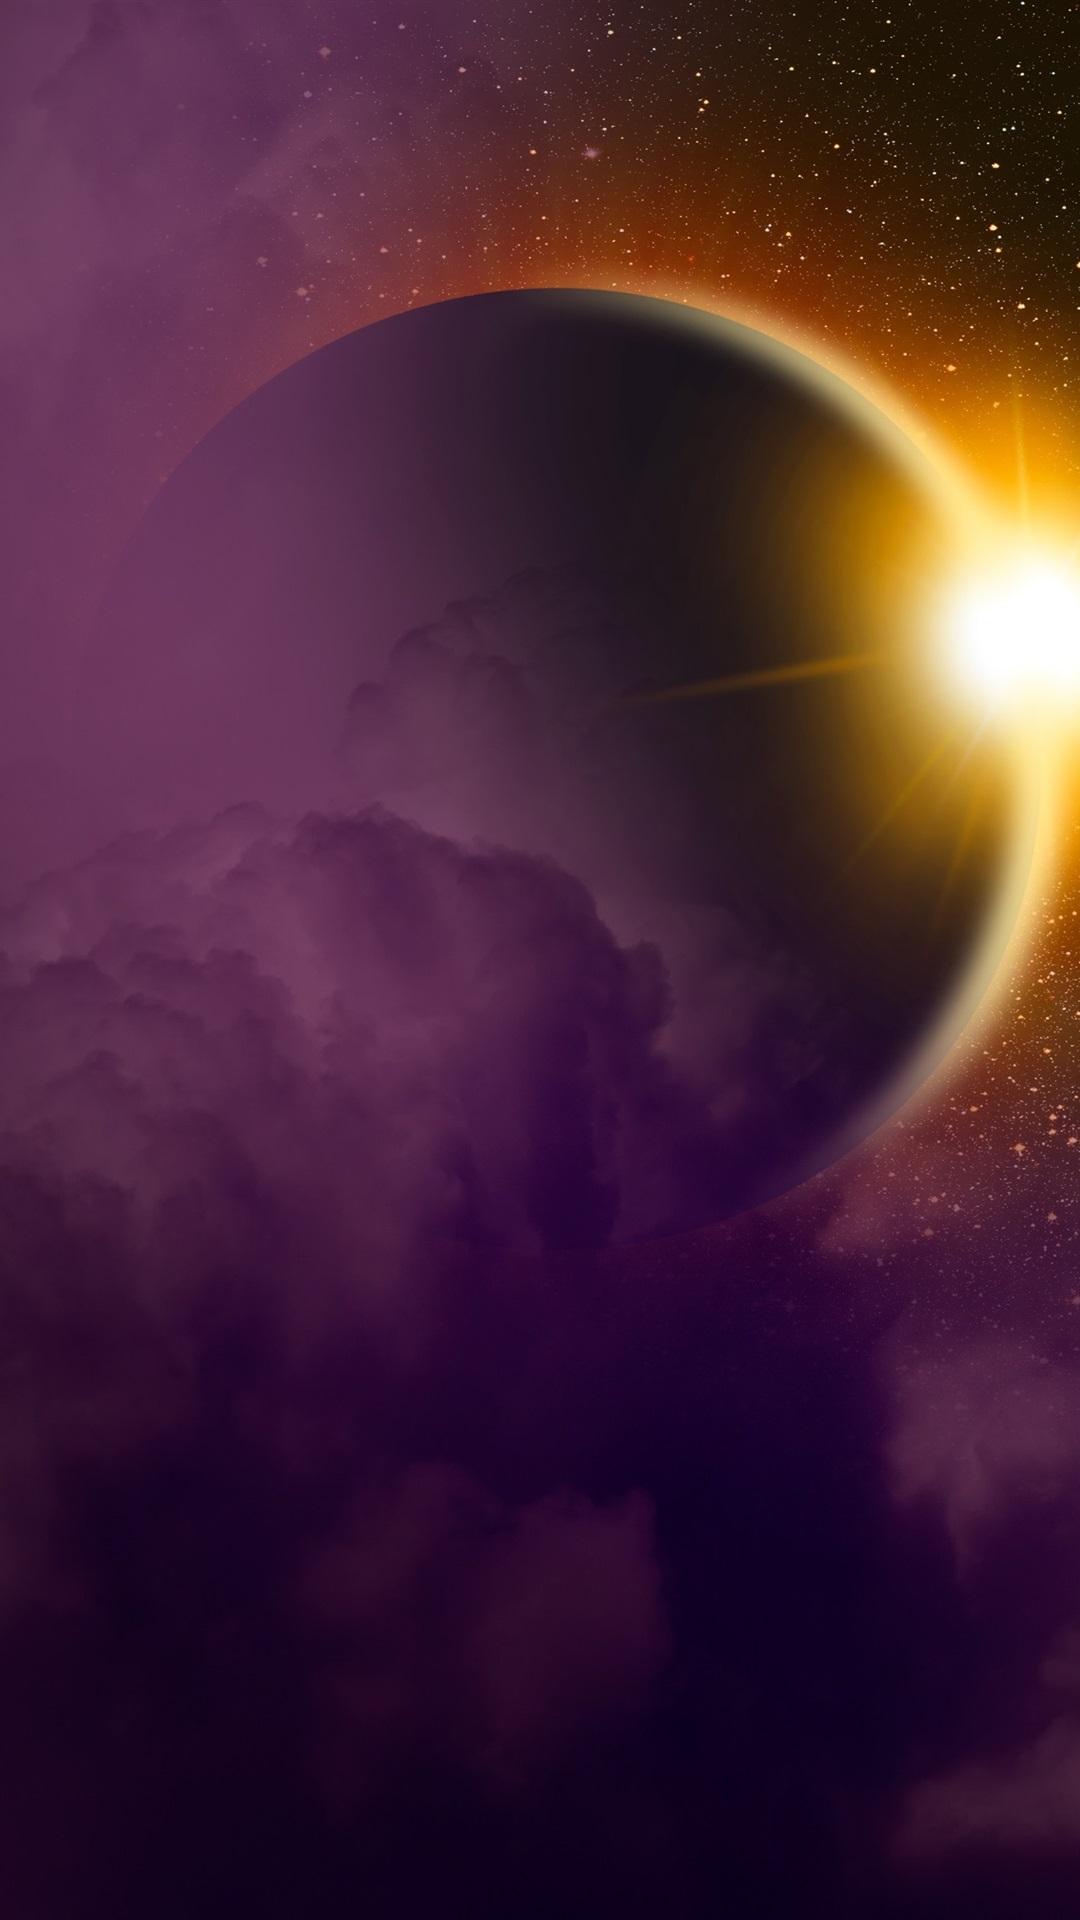 Solar Eclipse Planet Light Space 1080x1920 Iphone 8 7 6 6s Plus